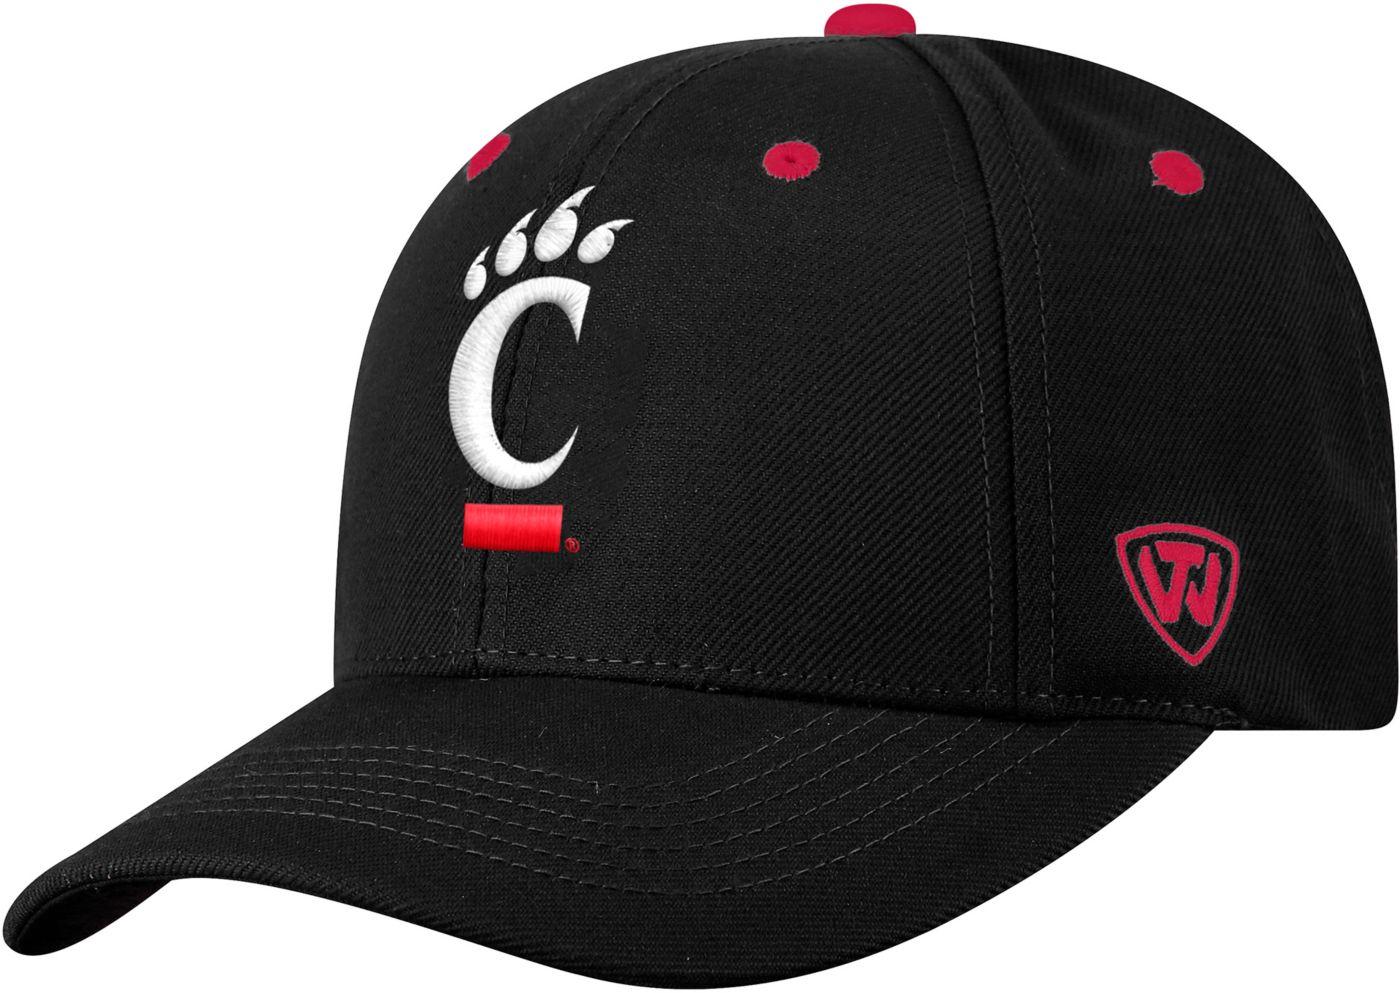 Top of the World Men's Cincinnati Bearcats Triple Threat Adjustable Black Hat